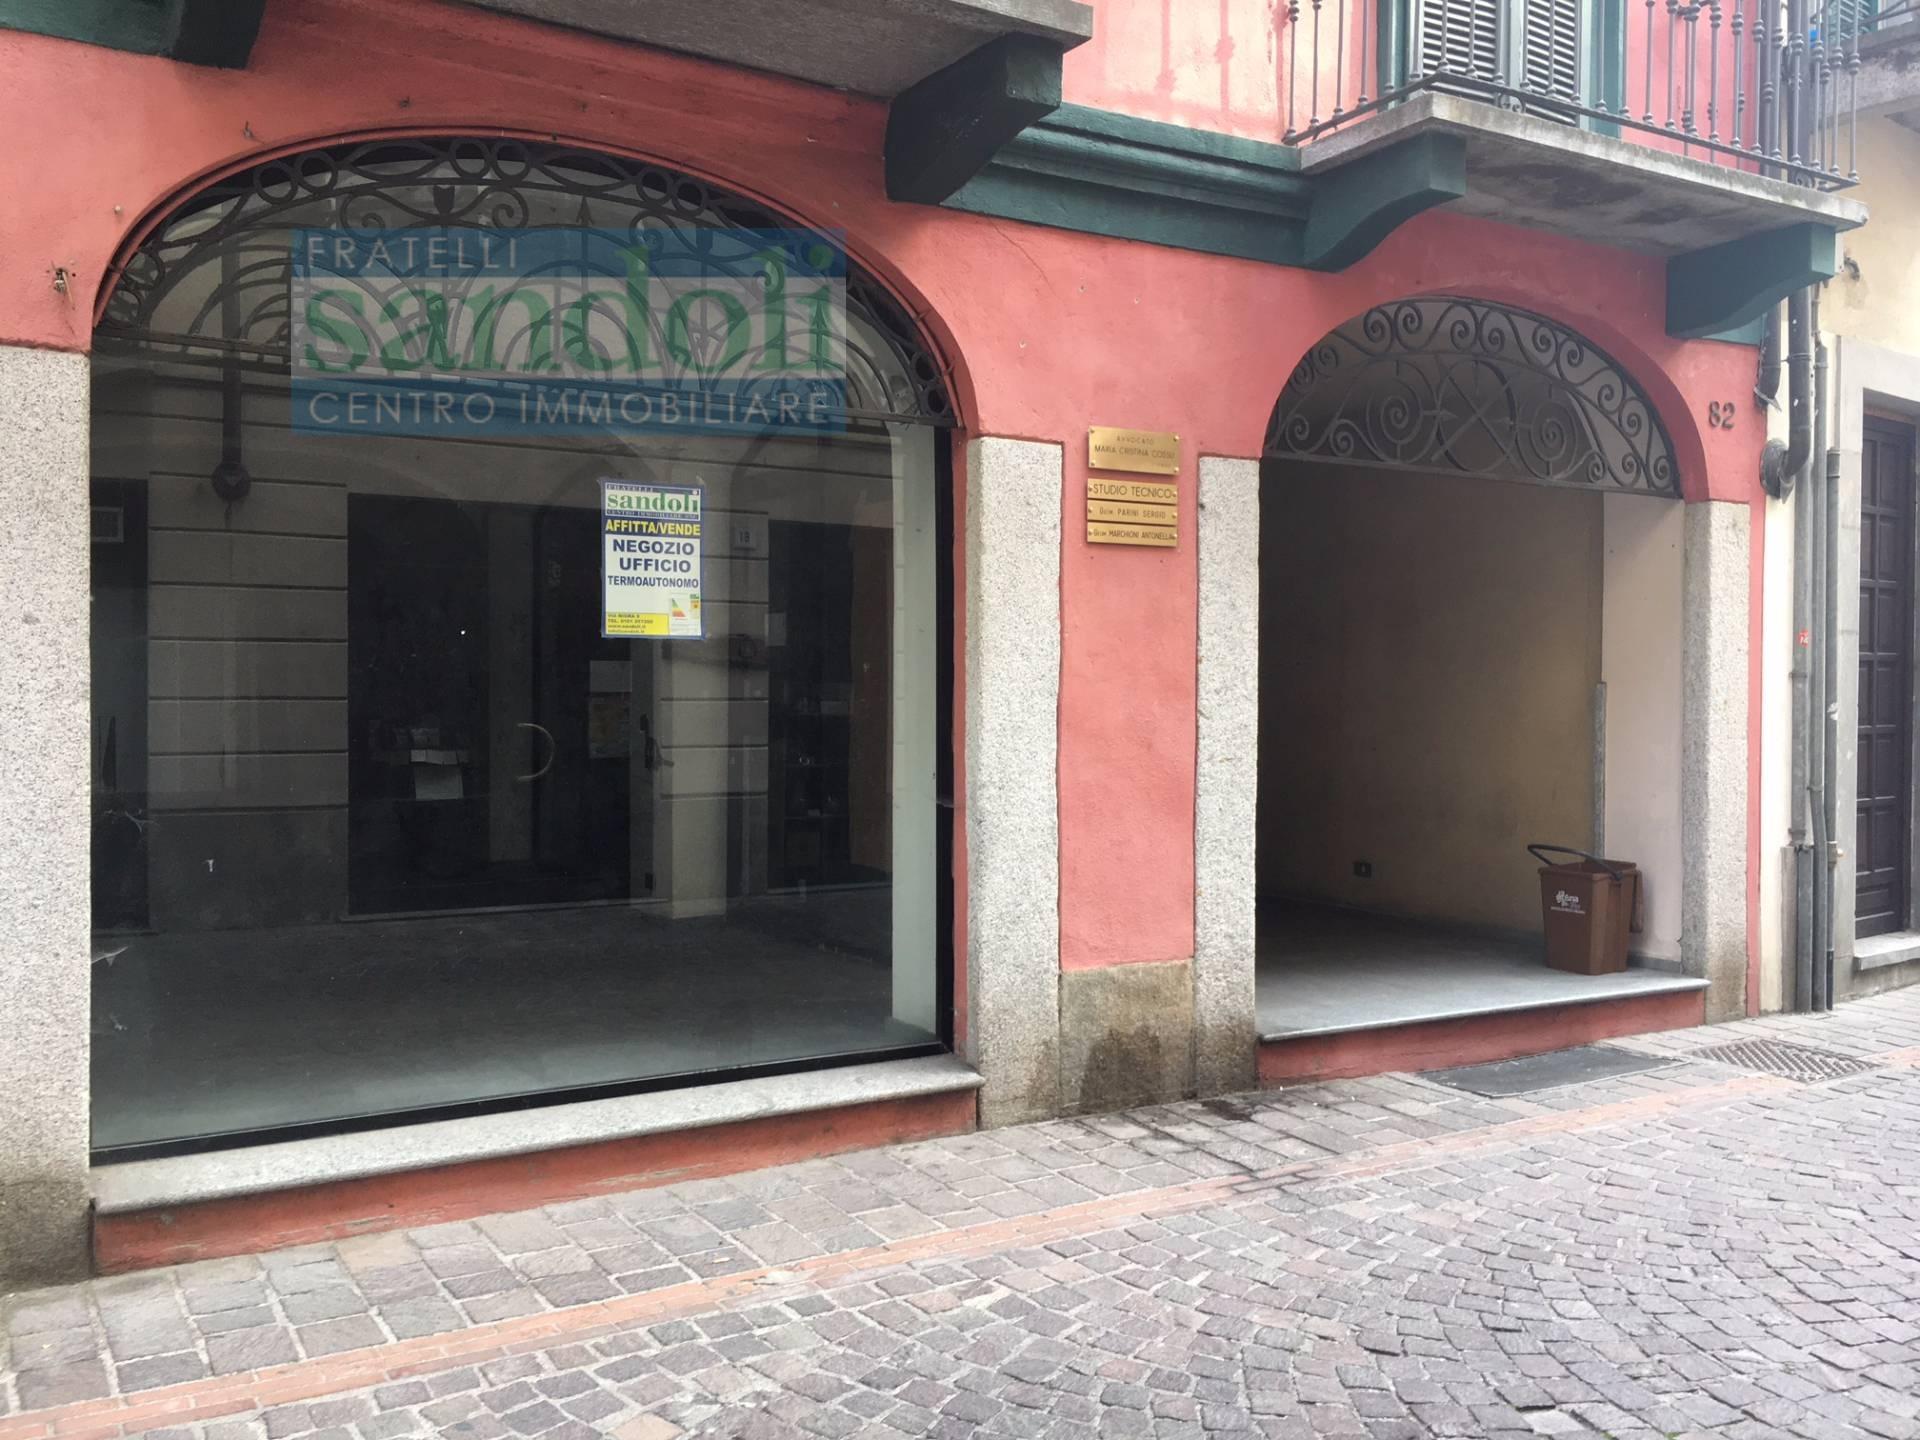 Negozio ufficio in affitto a vercelli cod 4985a for Centro ufficio